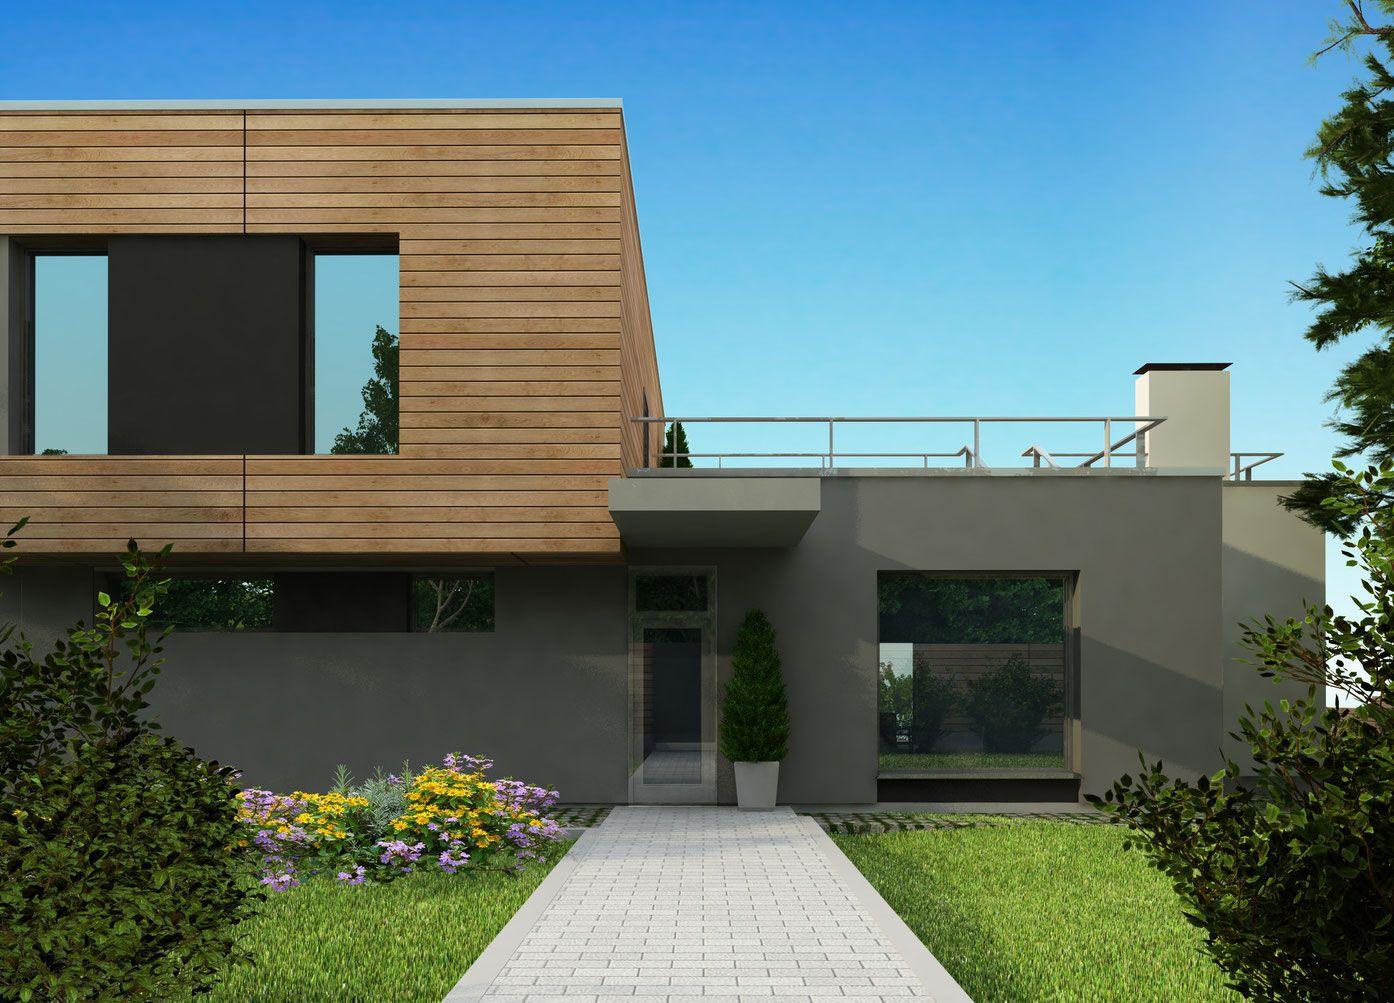 Проект дома в стиле хай-тек с плоской крышей